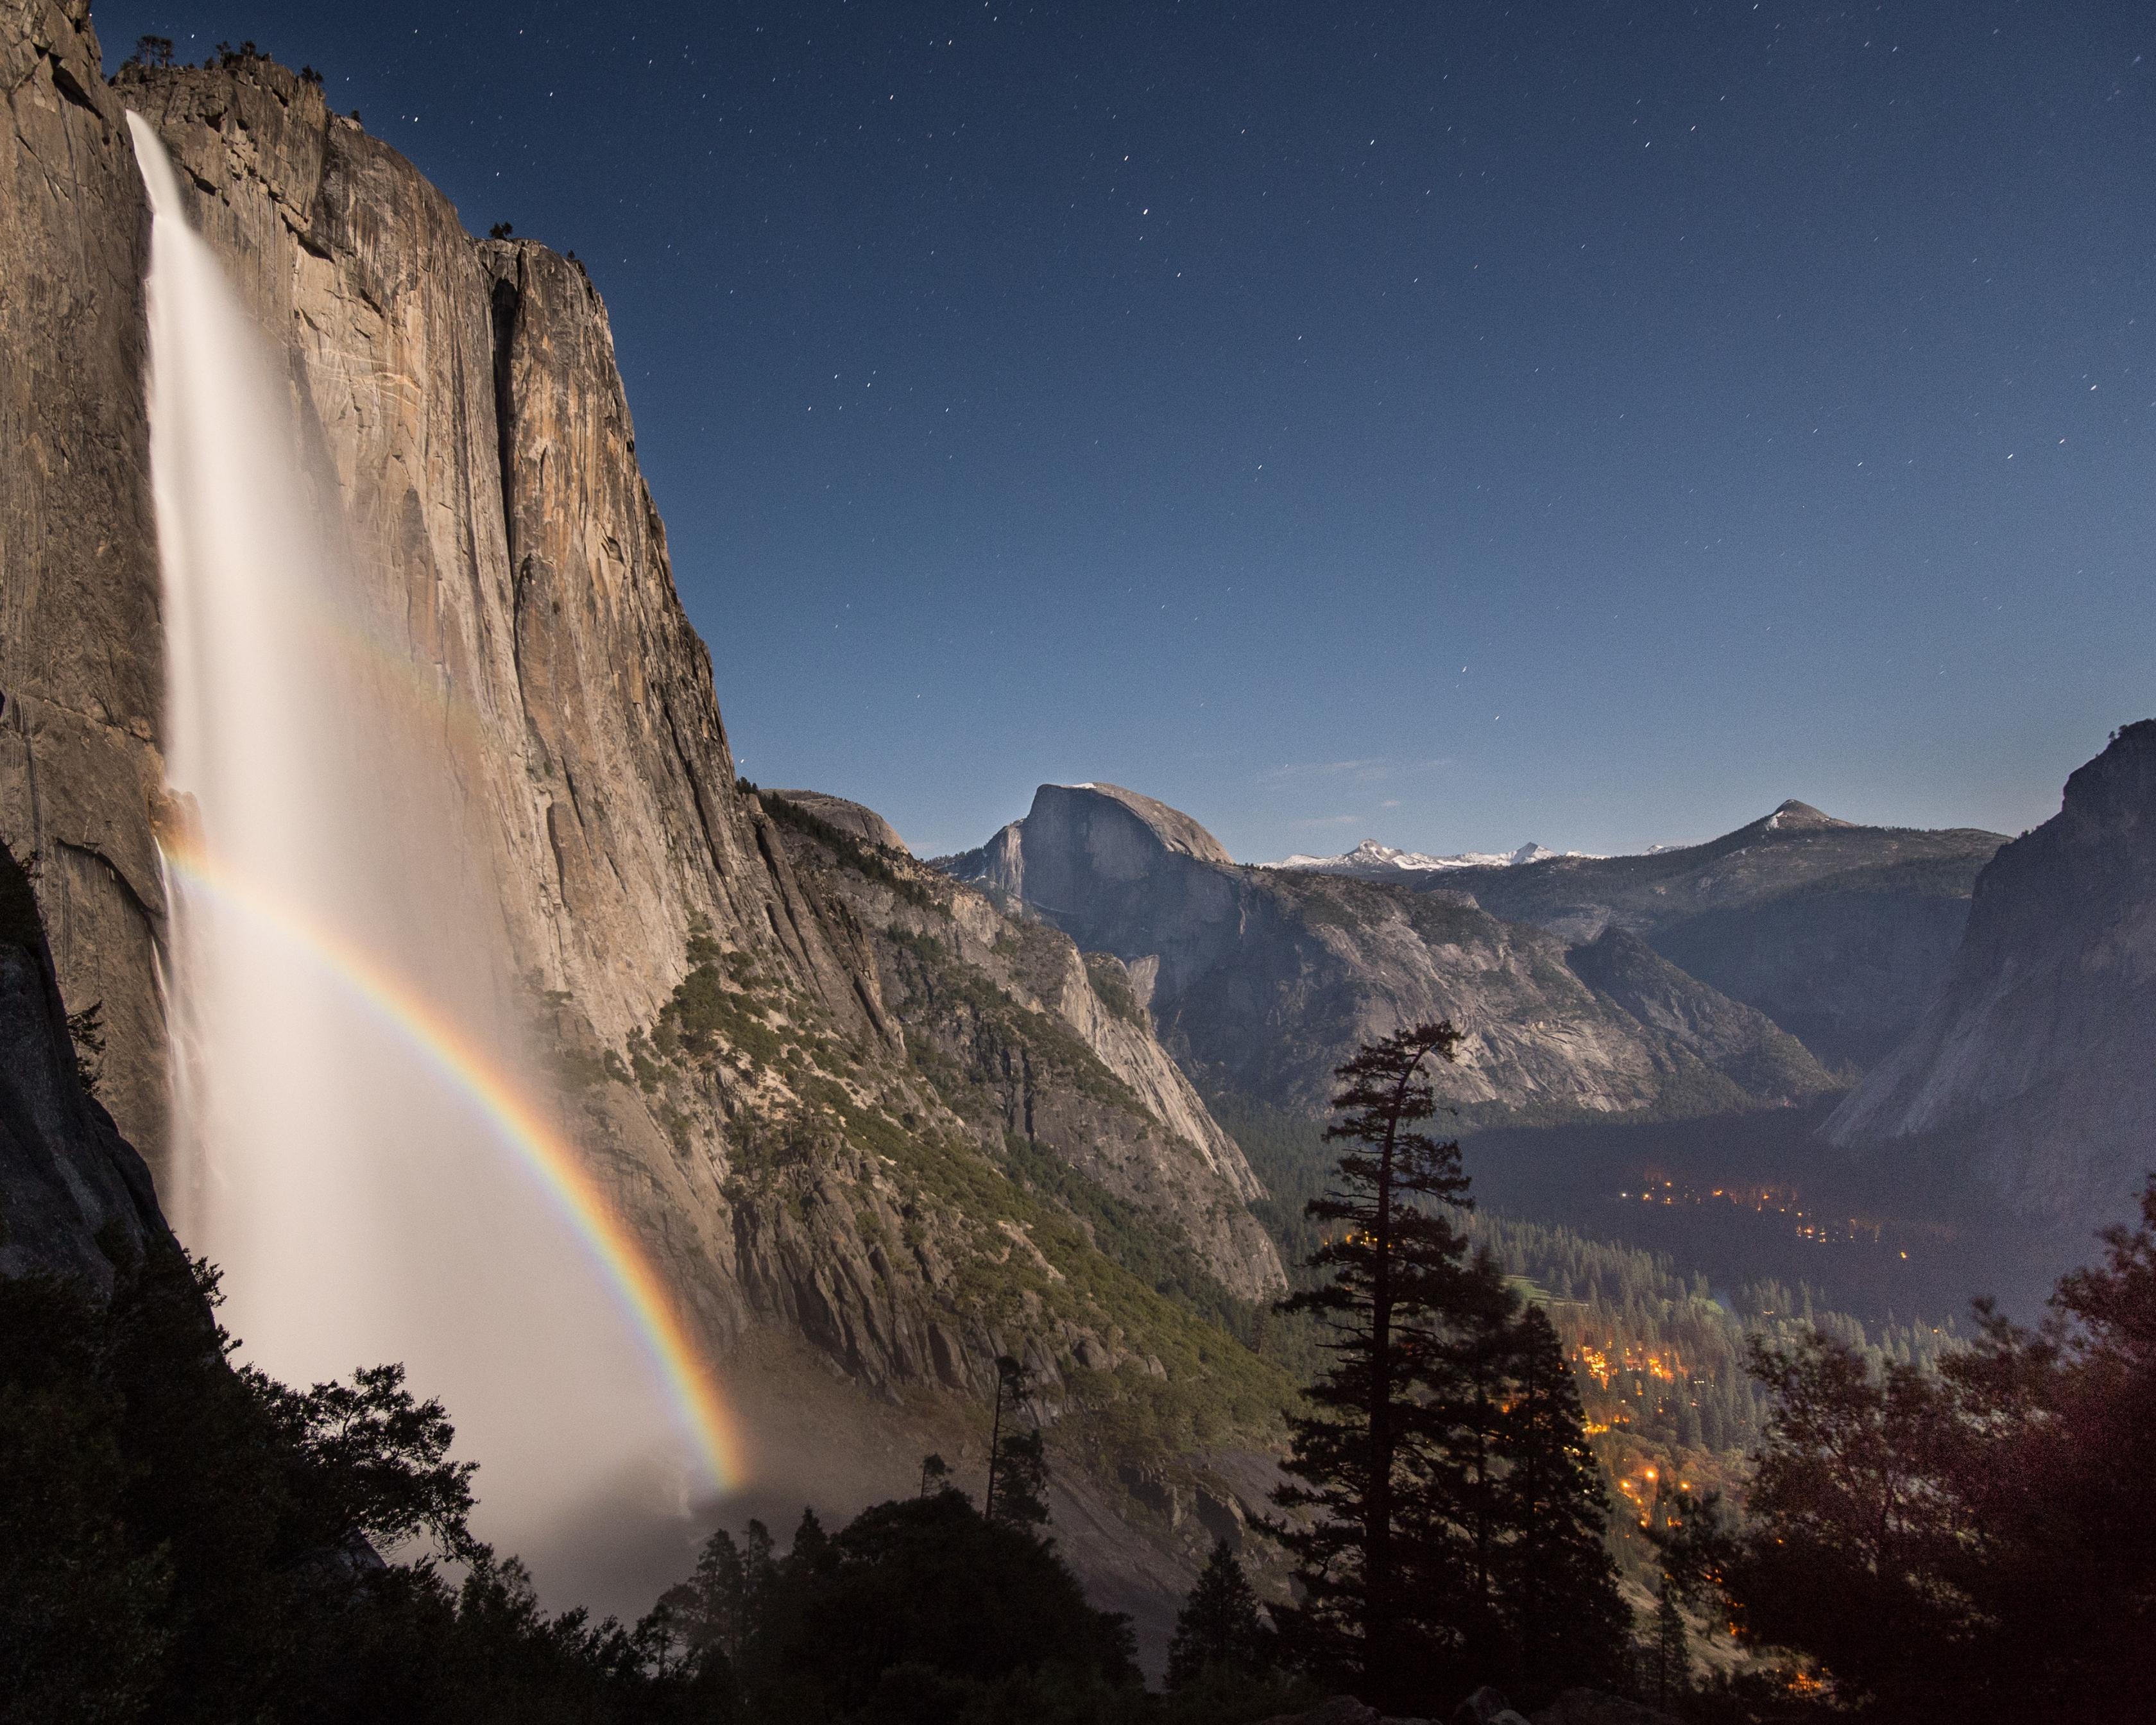 Un moonbow es capturado sobre Bridalveil baja en el parque nacional de Yosemite.